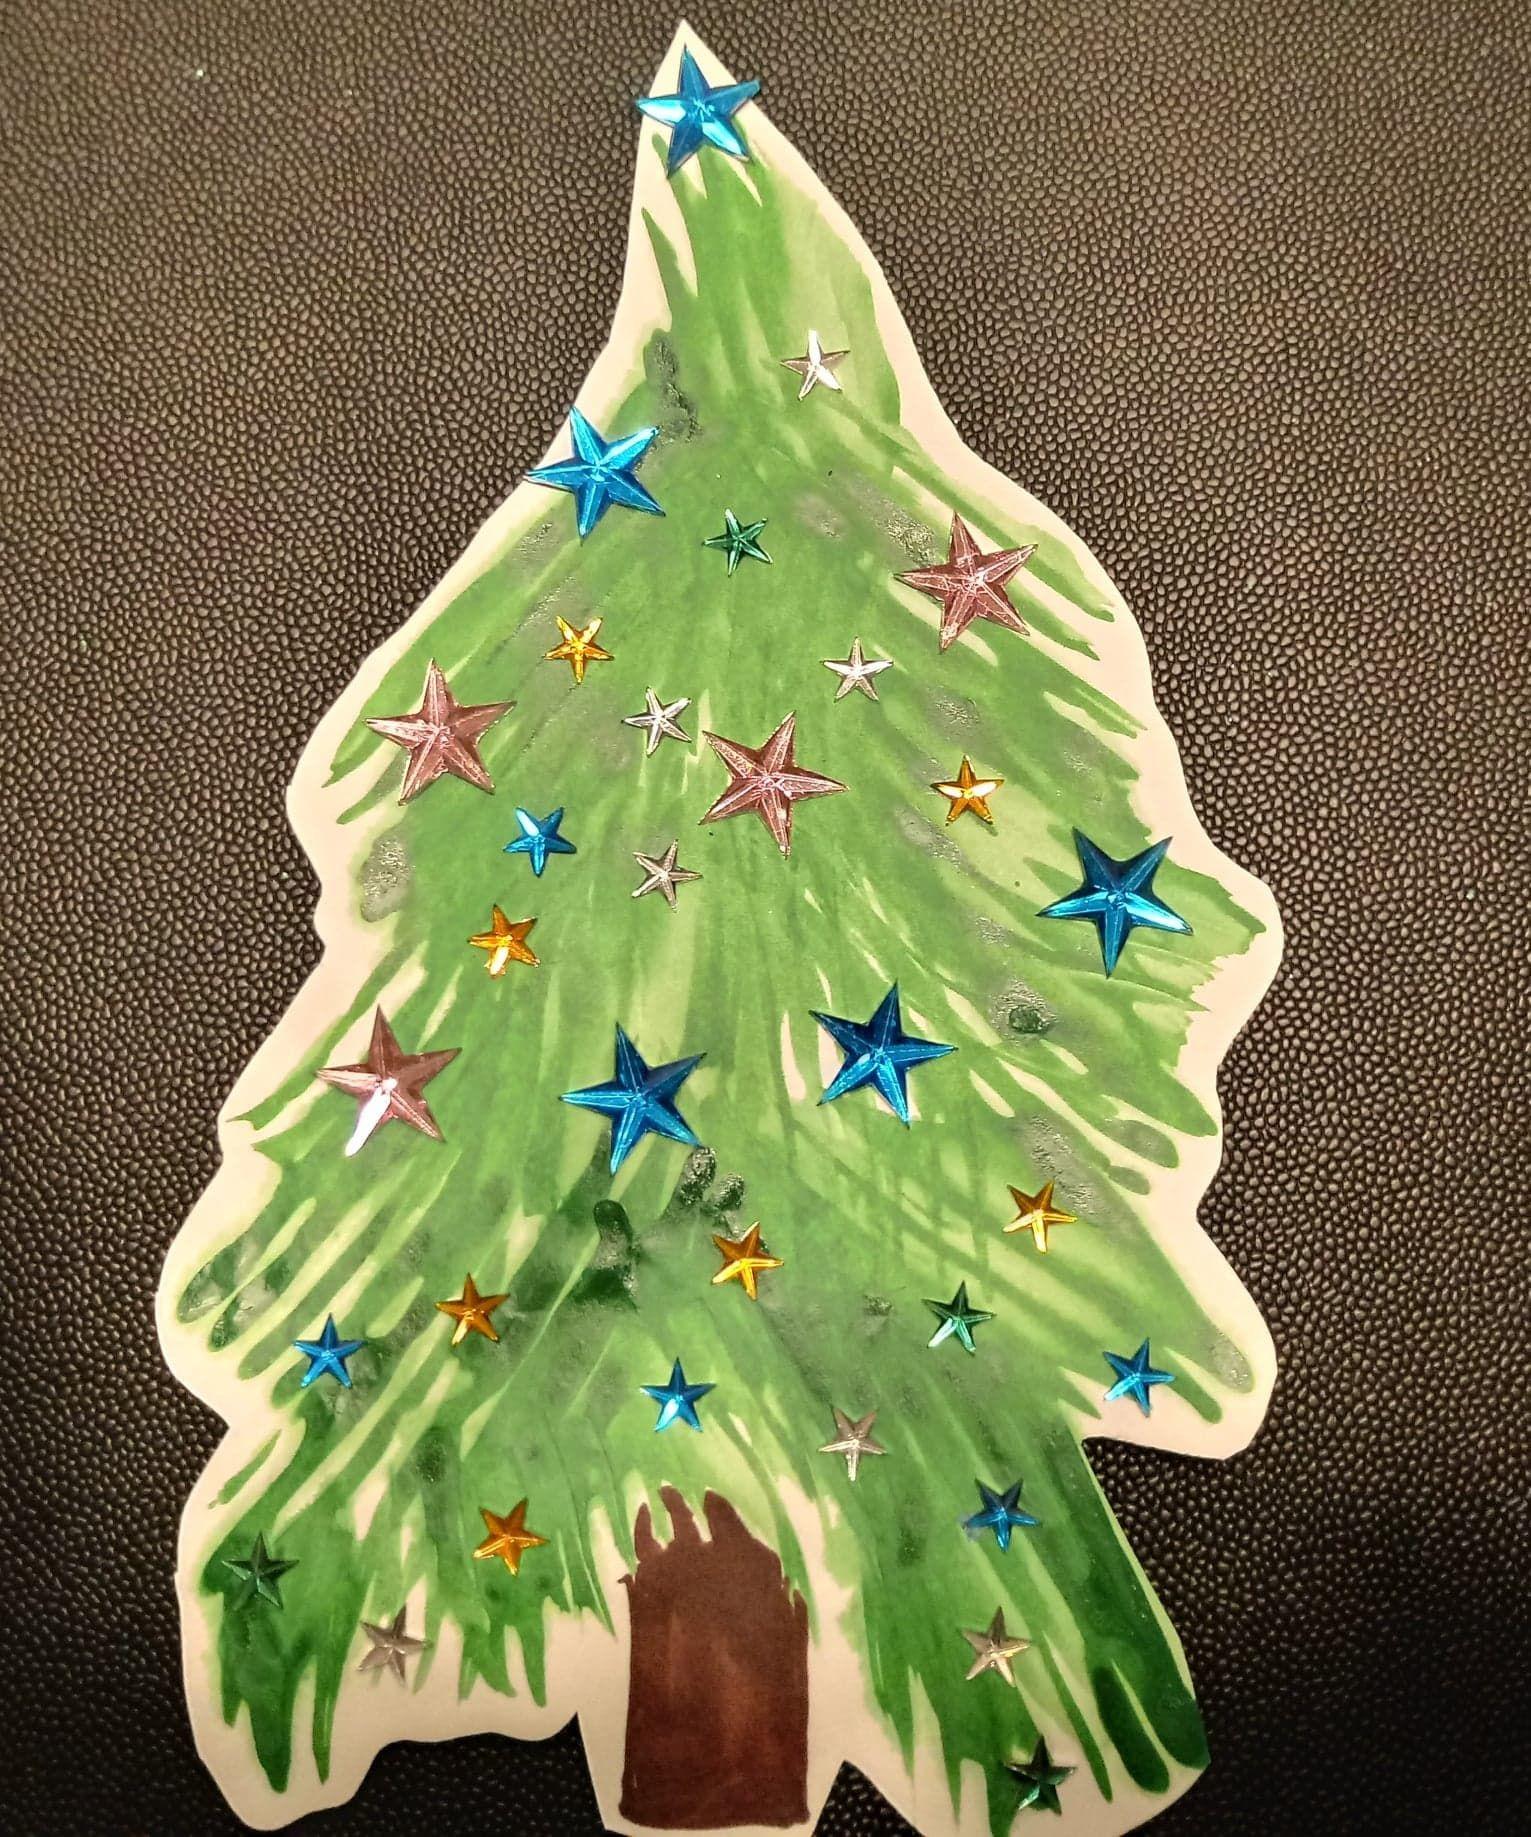 Kerstboom Verven Met Vork Kerst Kerstboom Verven Met Vork 1062